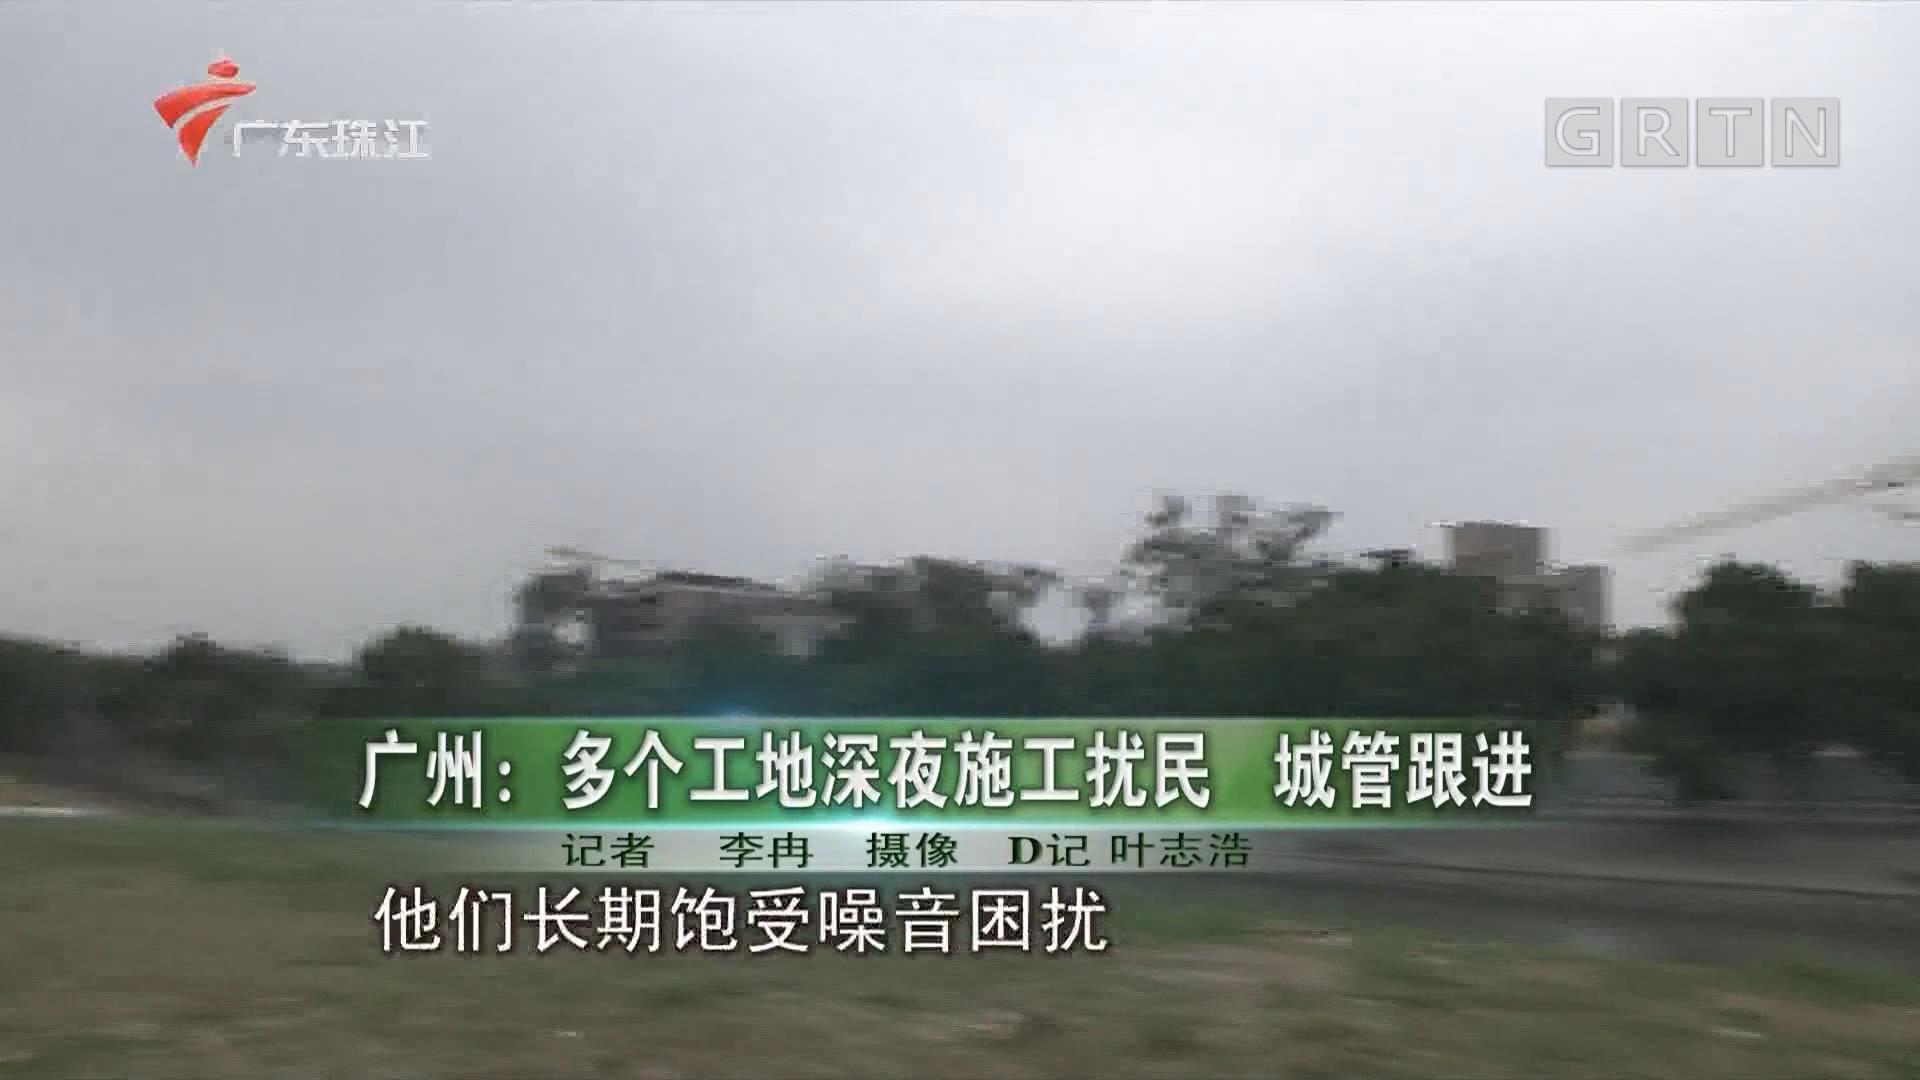 广州:多个工地深夜施工扰民 城管跟进